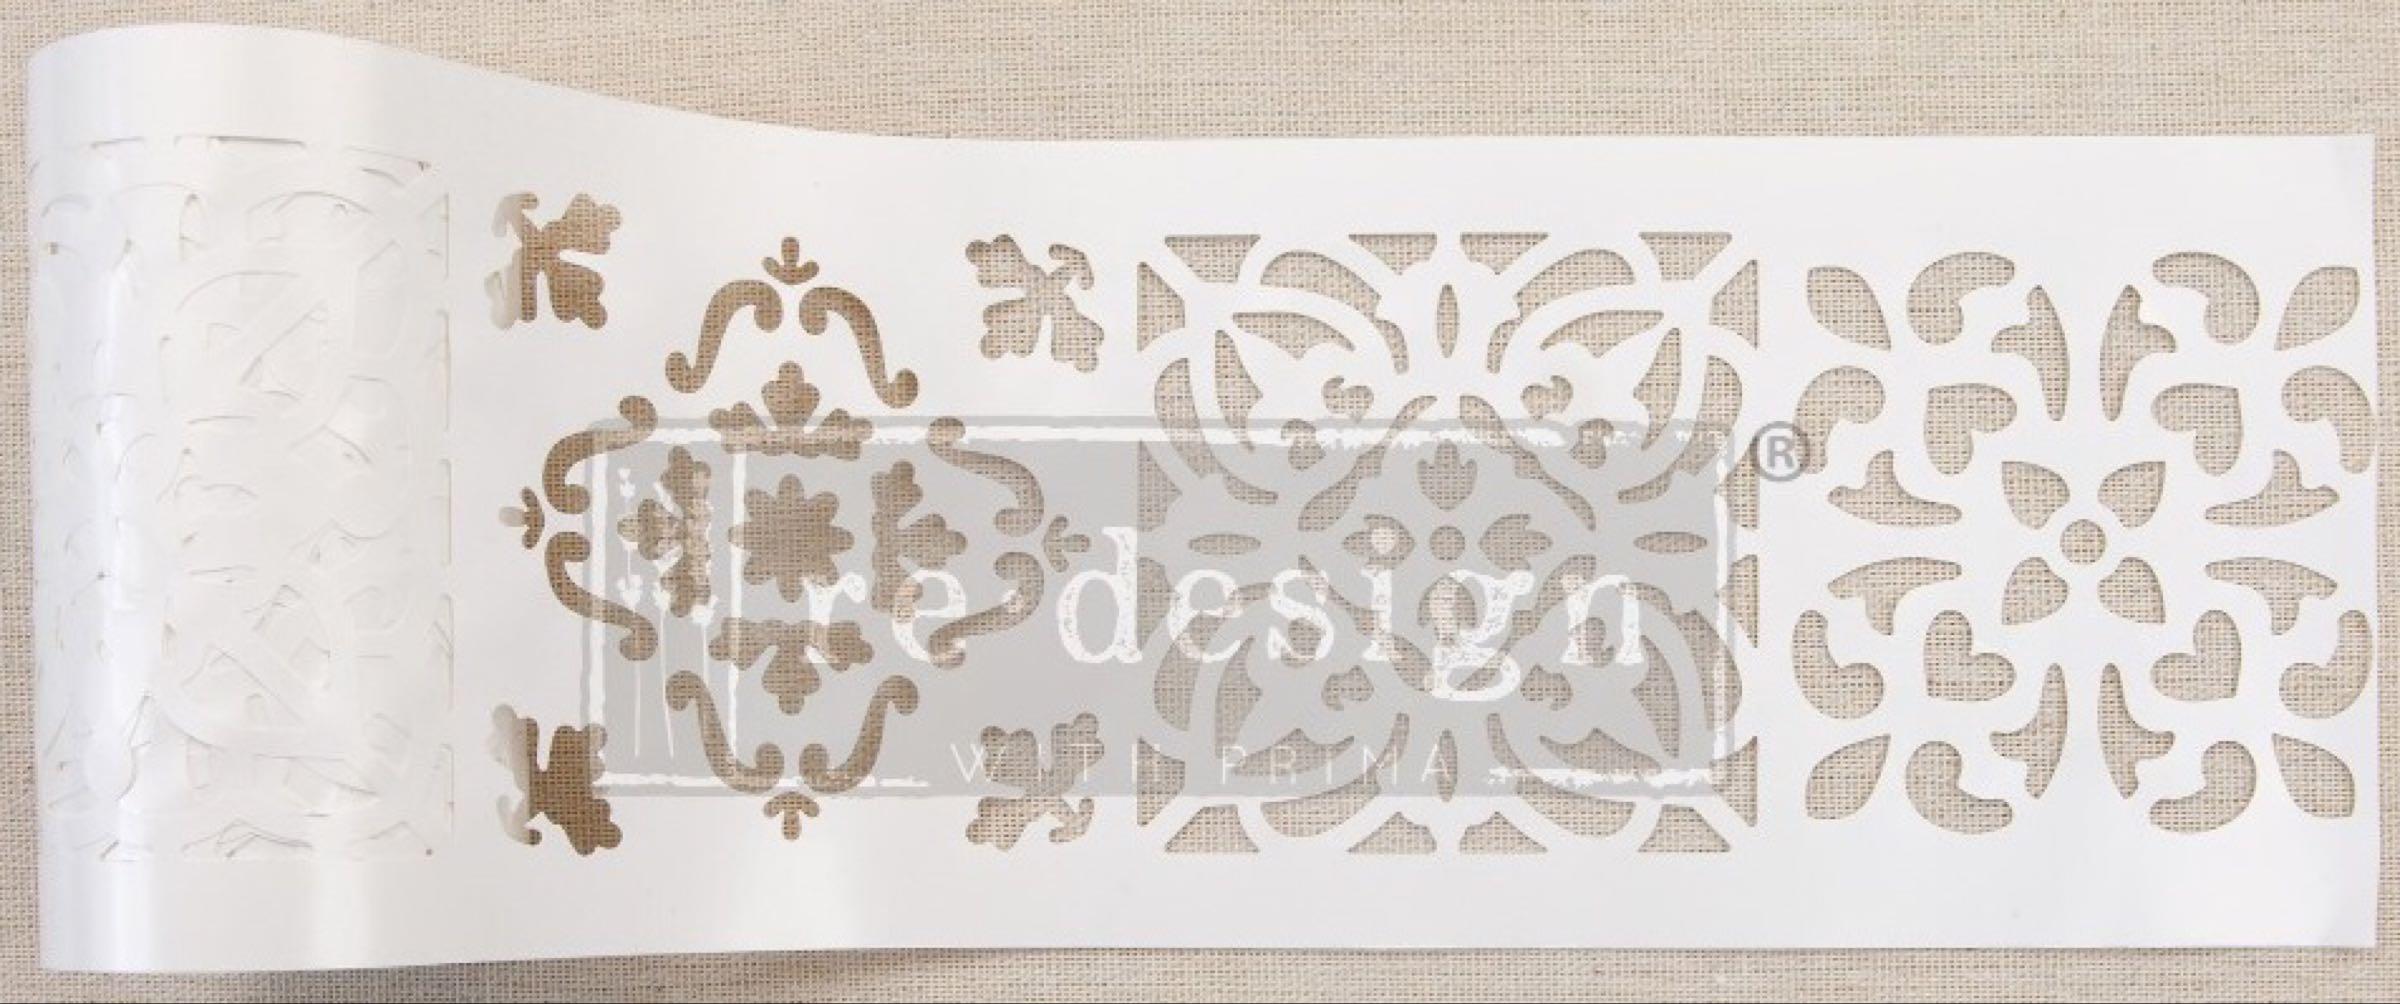 Re-design with Prima Stencil Roll - Casa Blanca Tile